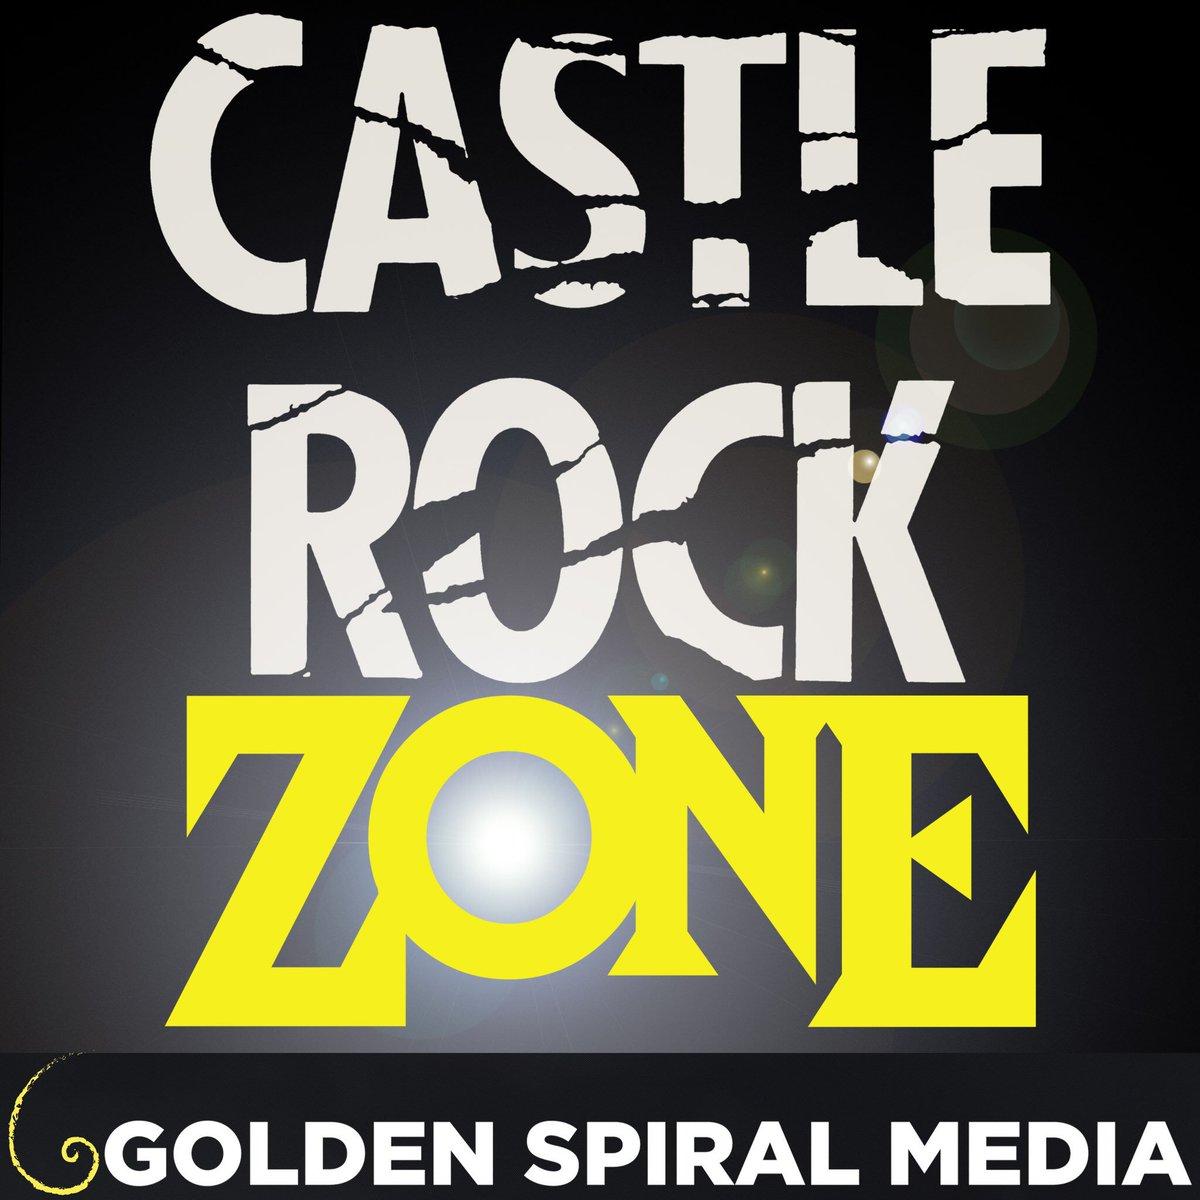 Castle Rock Zone on Twitter: